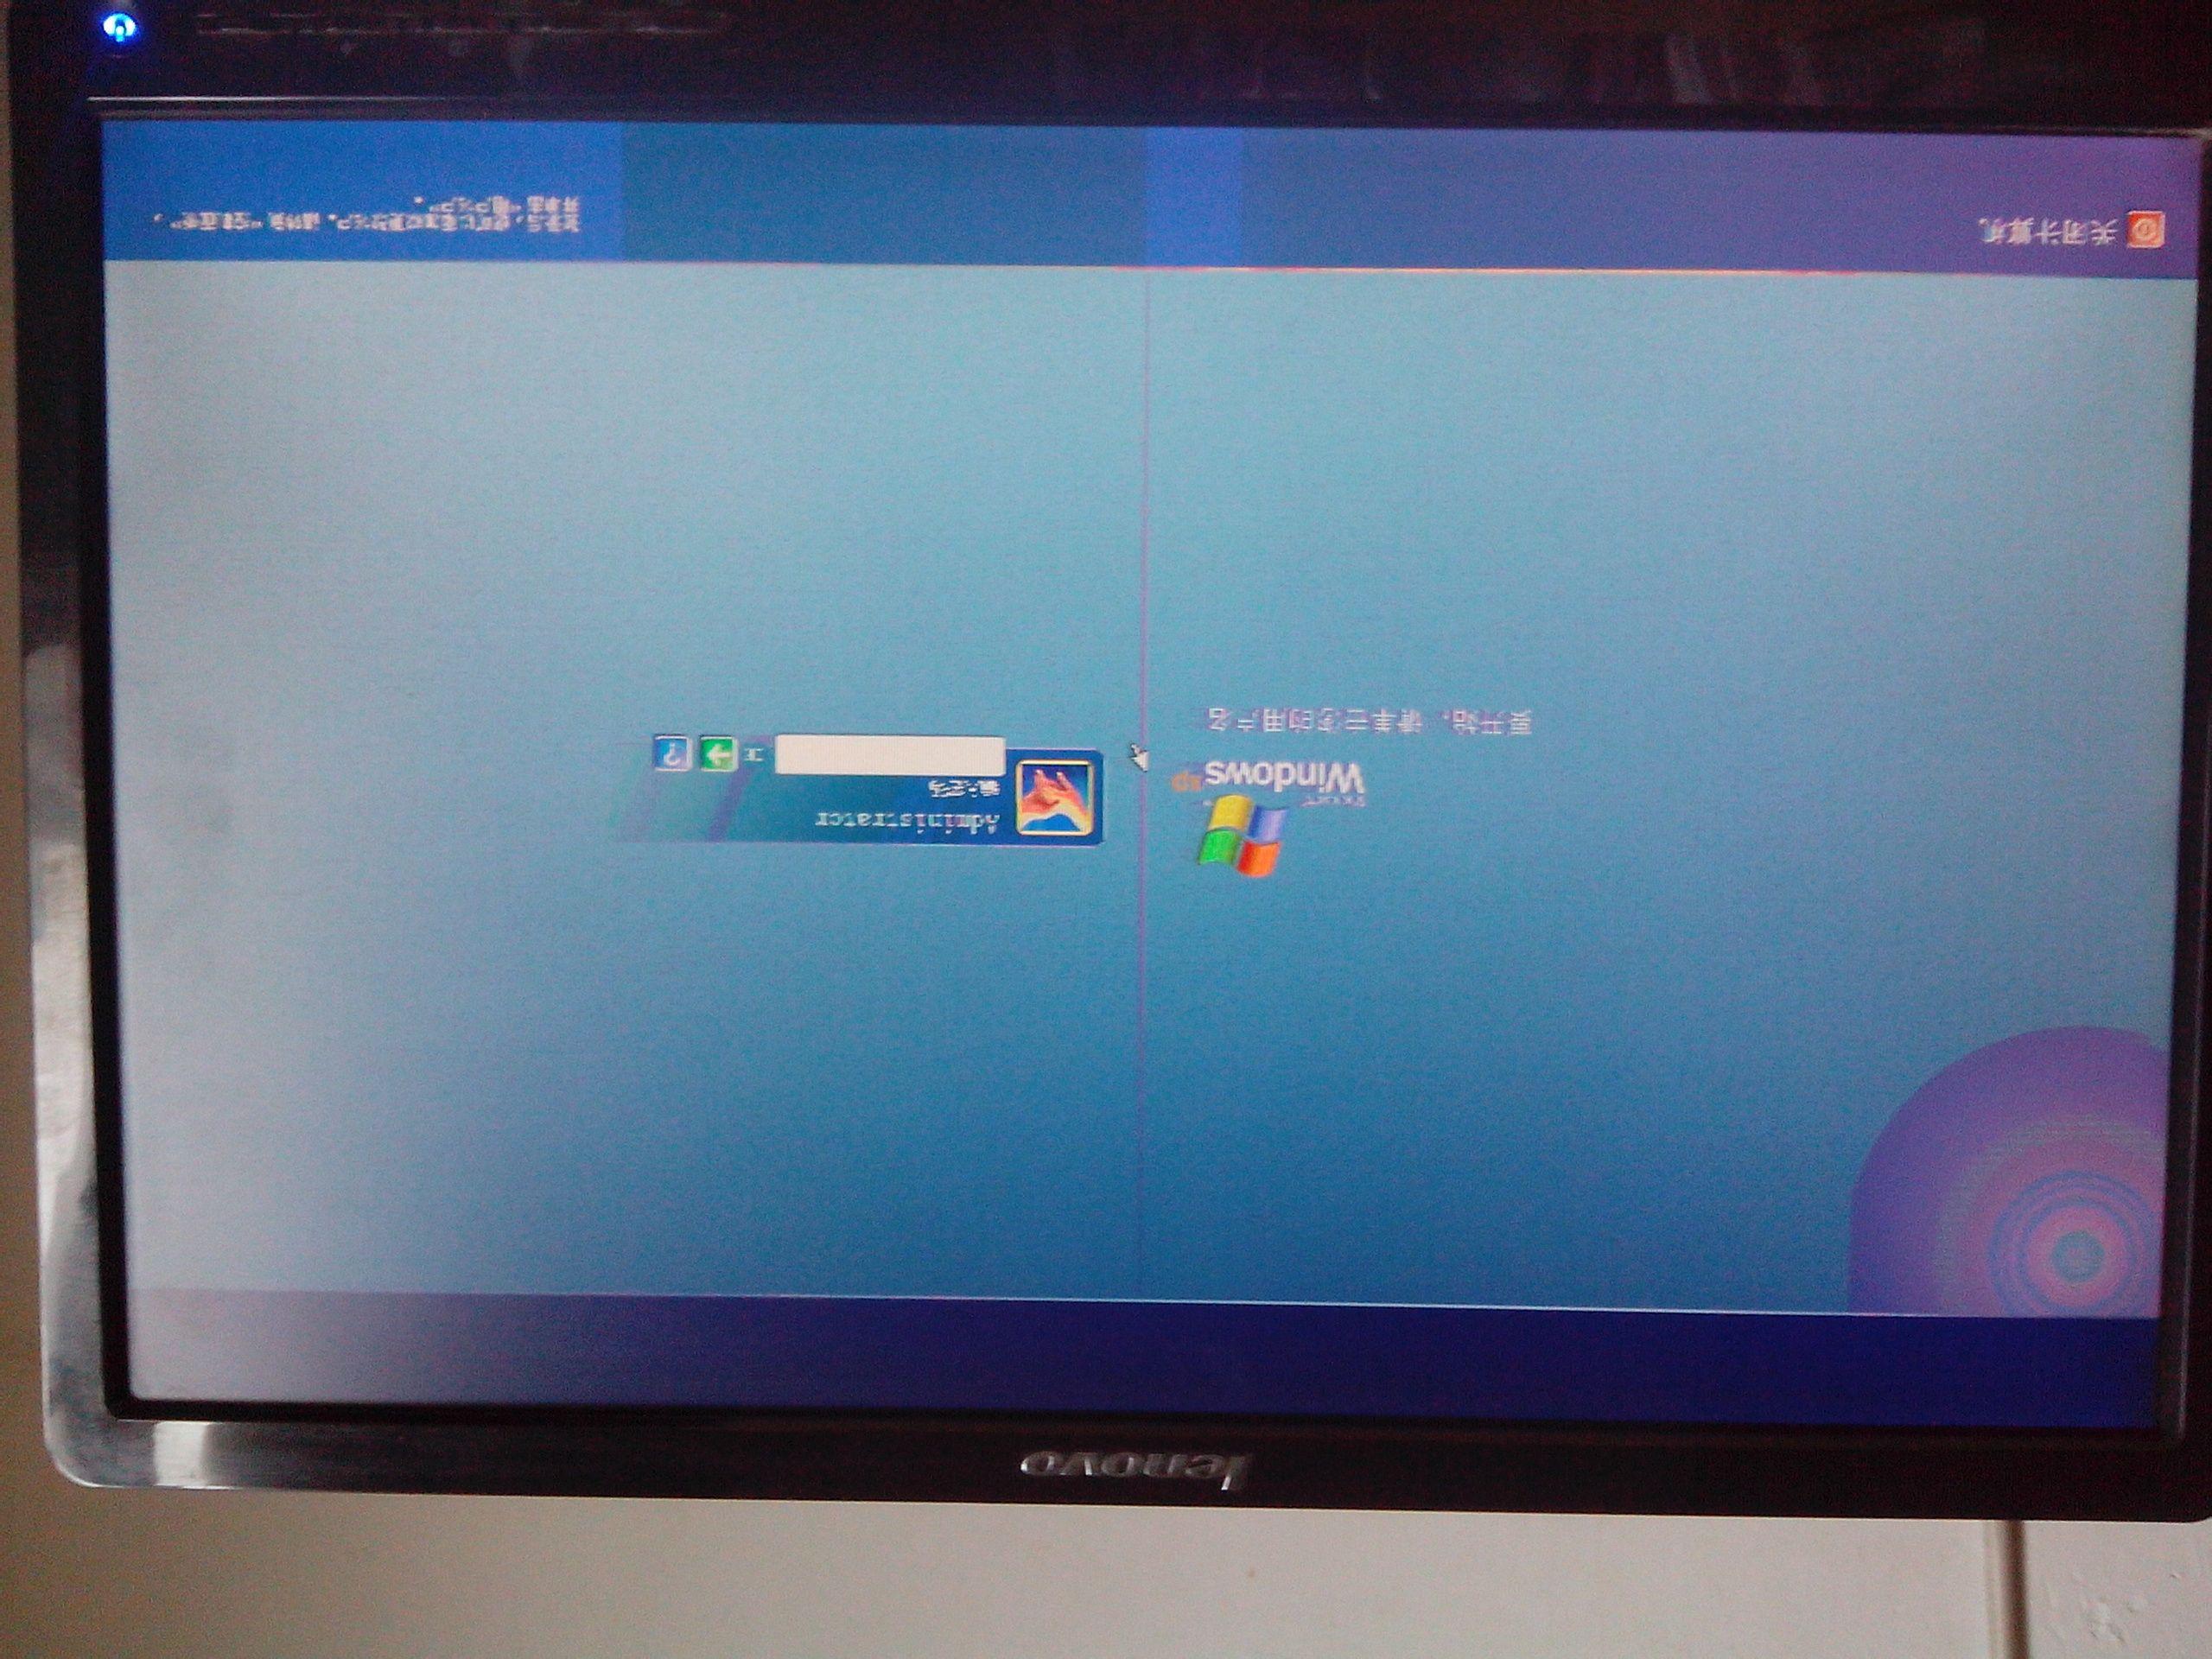 电脑屏幕花了 变色 有条纹雪花 联想的液晶屏高清图片